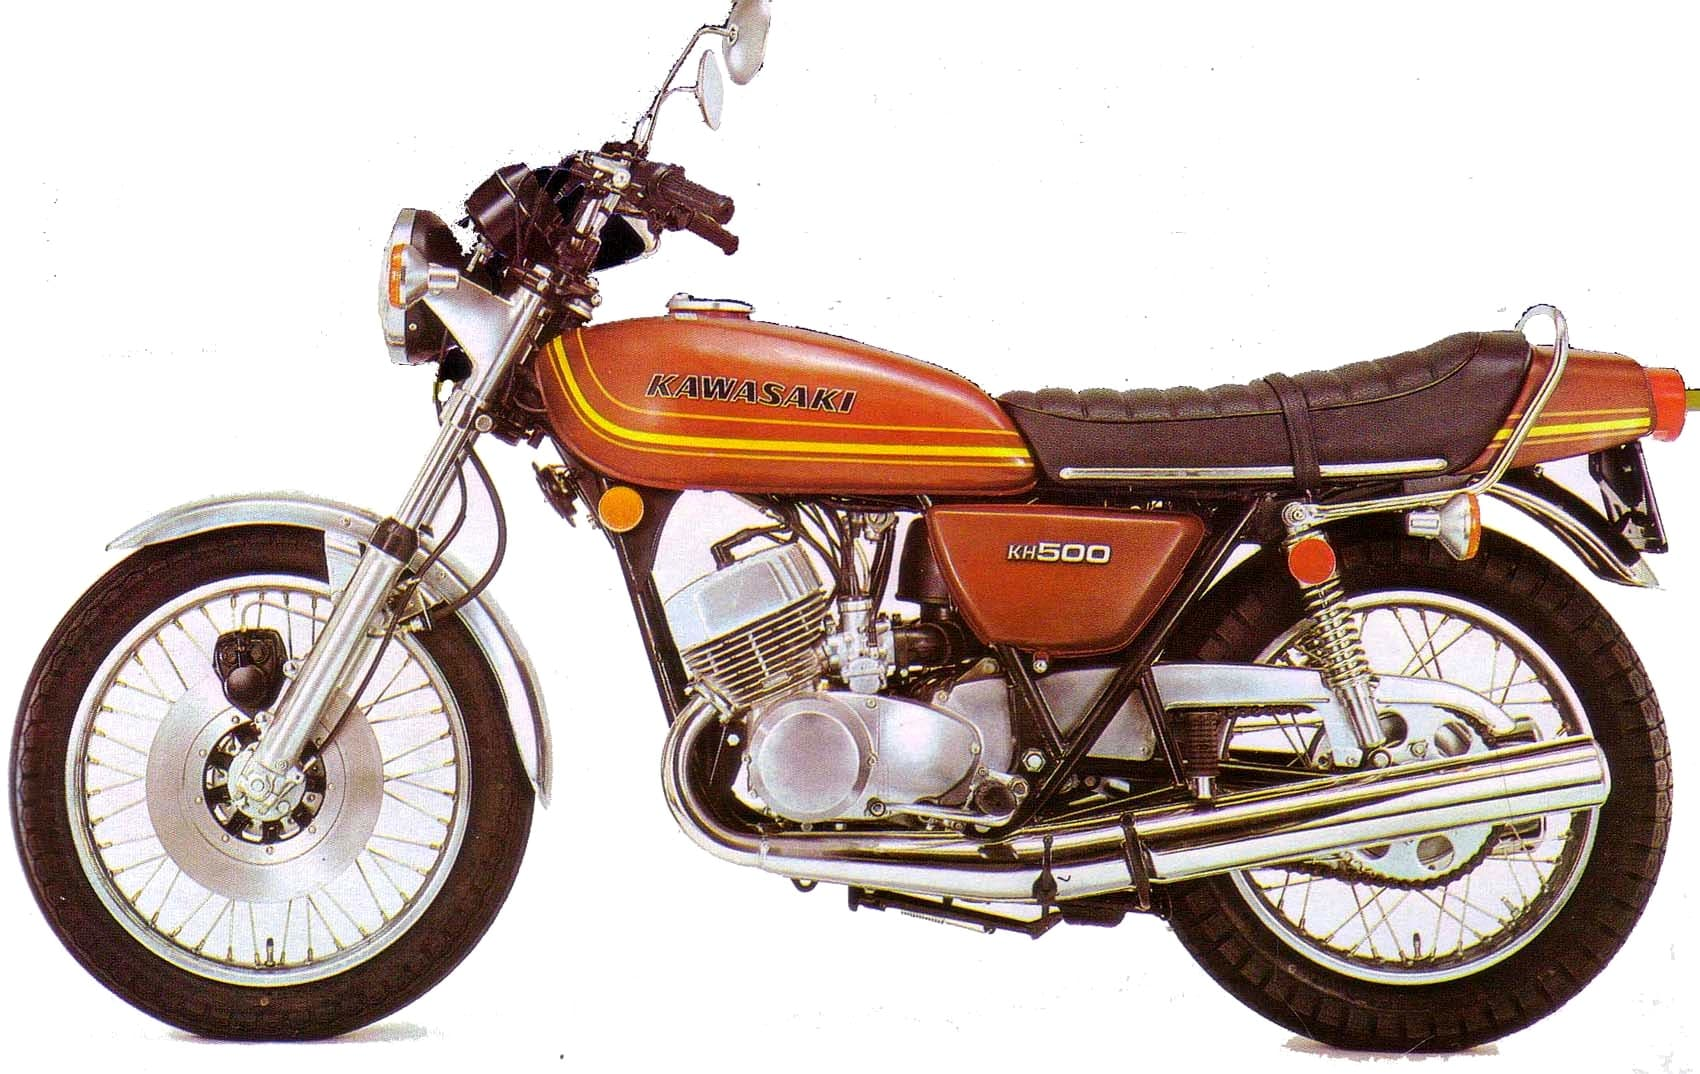 Kawasaki KH500 77